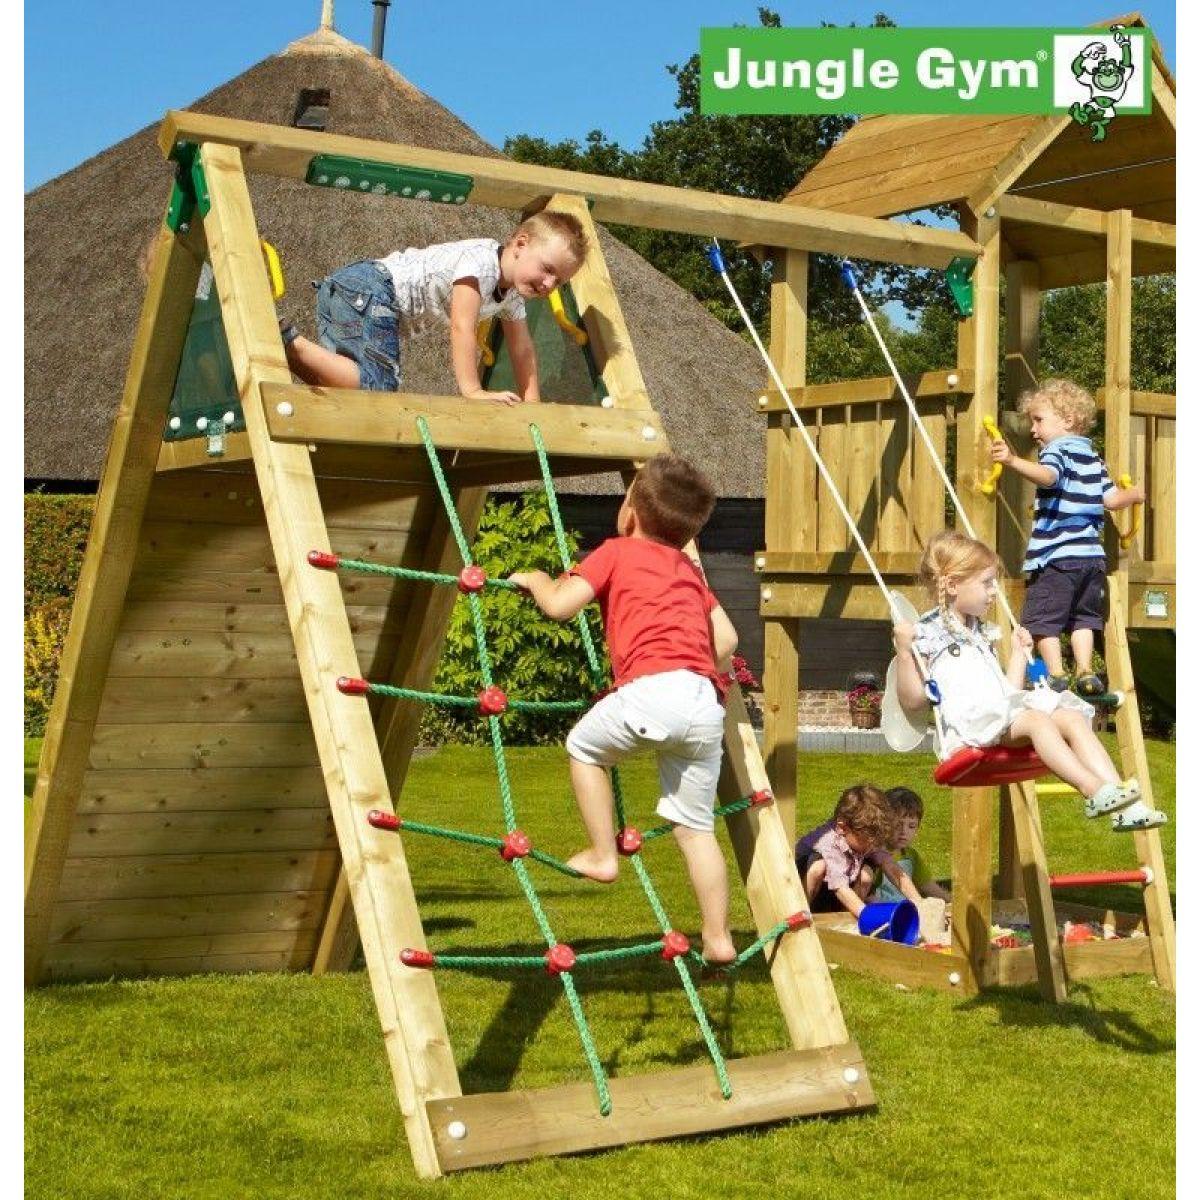 Jungle gym Climb module Xtra šplhacie modul